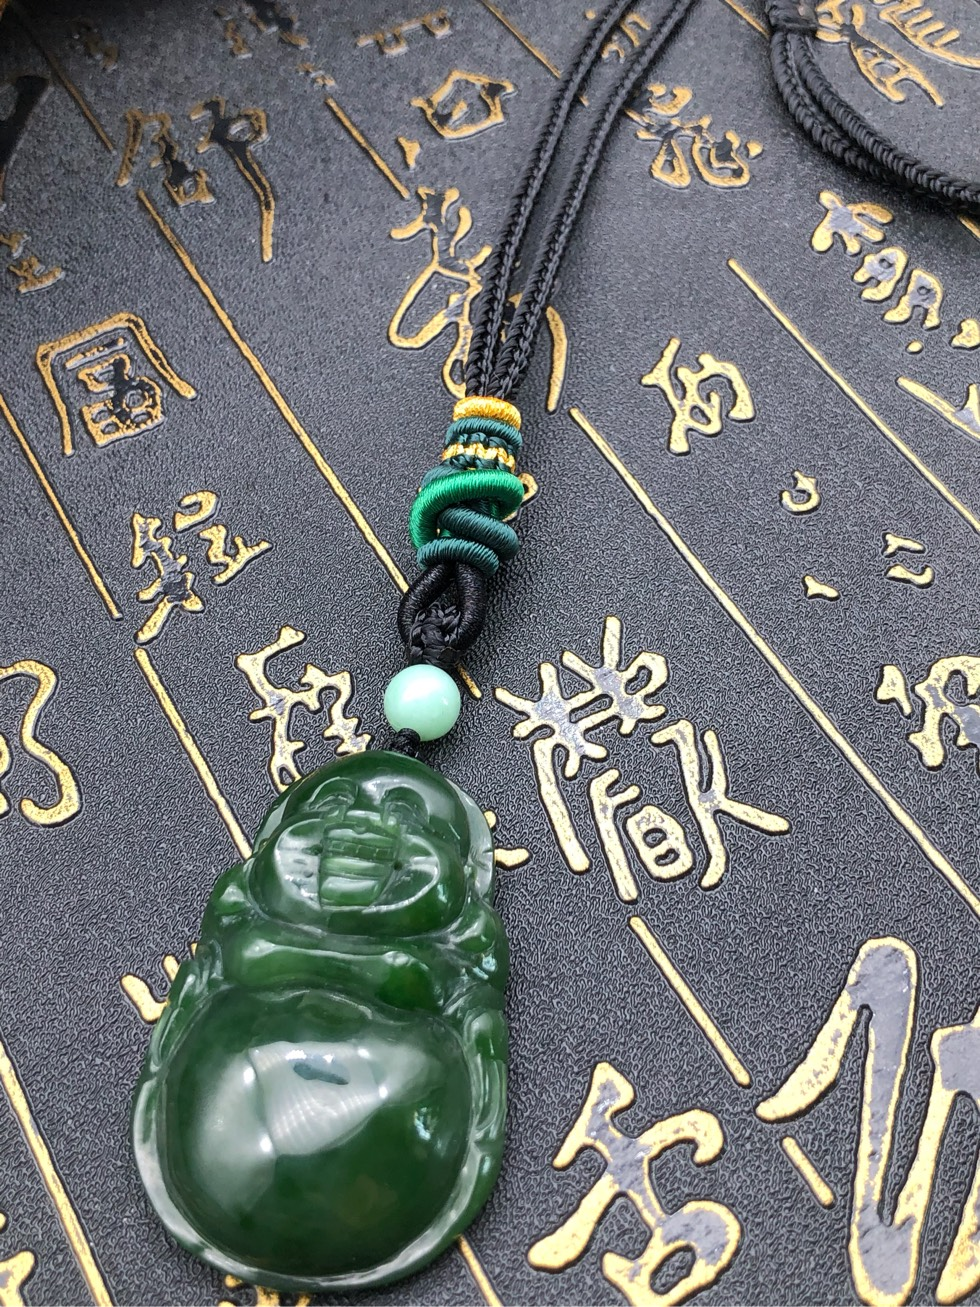 中国结论坛 最近作品 范冰冰最近没有作品,余华的作品,汪海林作品,最好的作品,伪戒作品 作品展示 060732secackc444ks4wsf